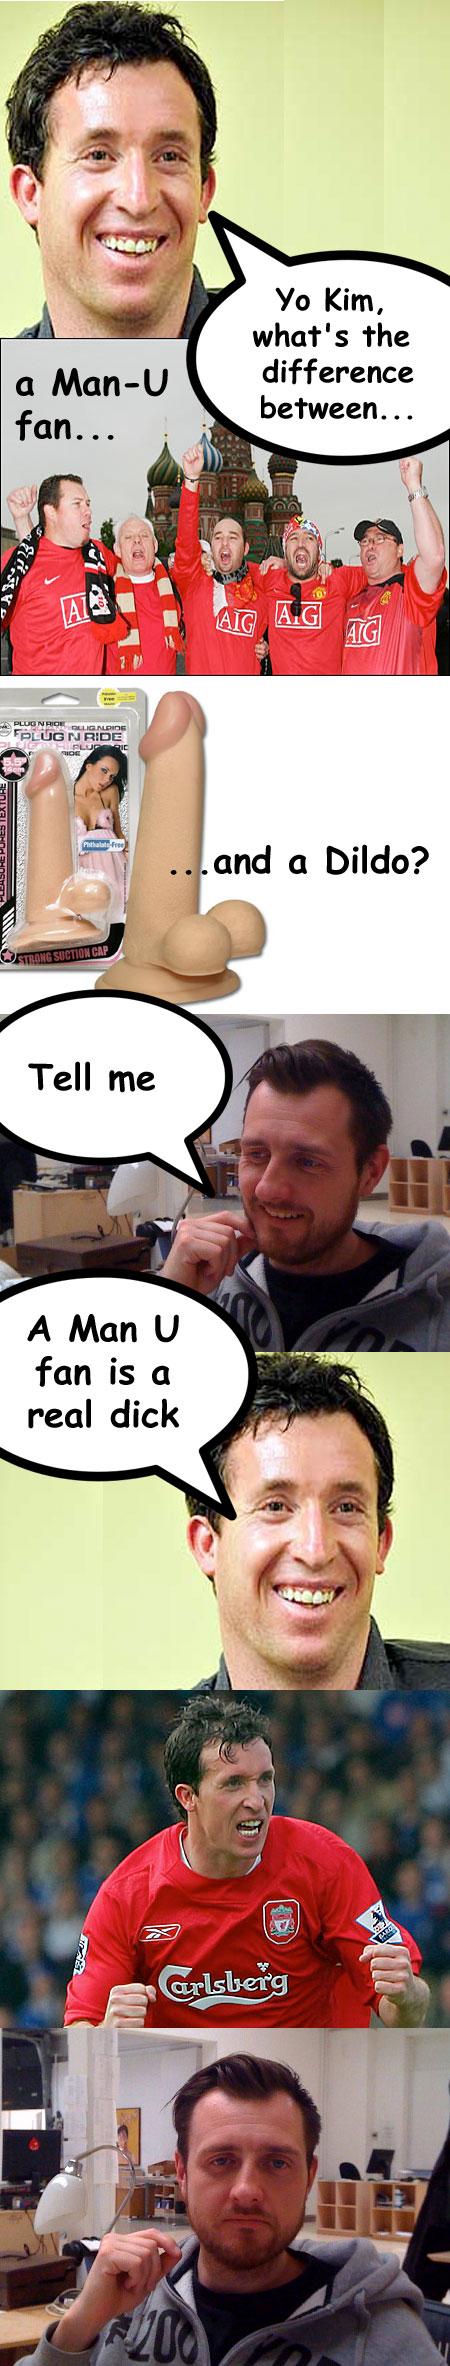 Man u fan